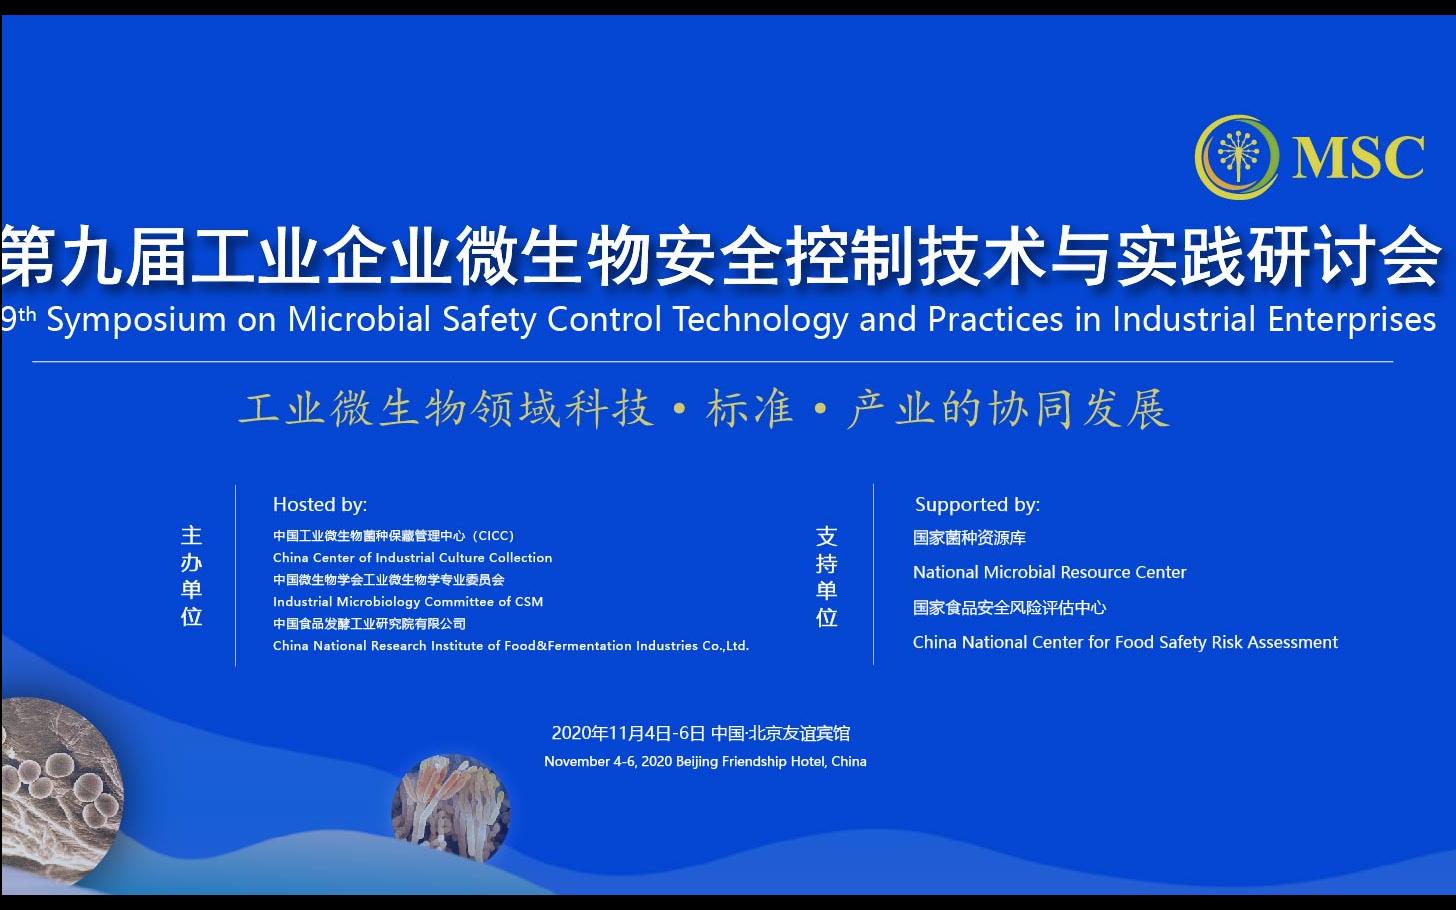 第九届工业企业微生物安全控制与技术研讨会